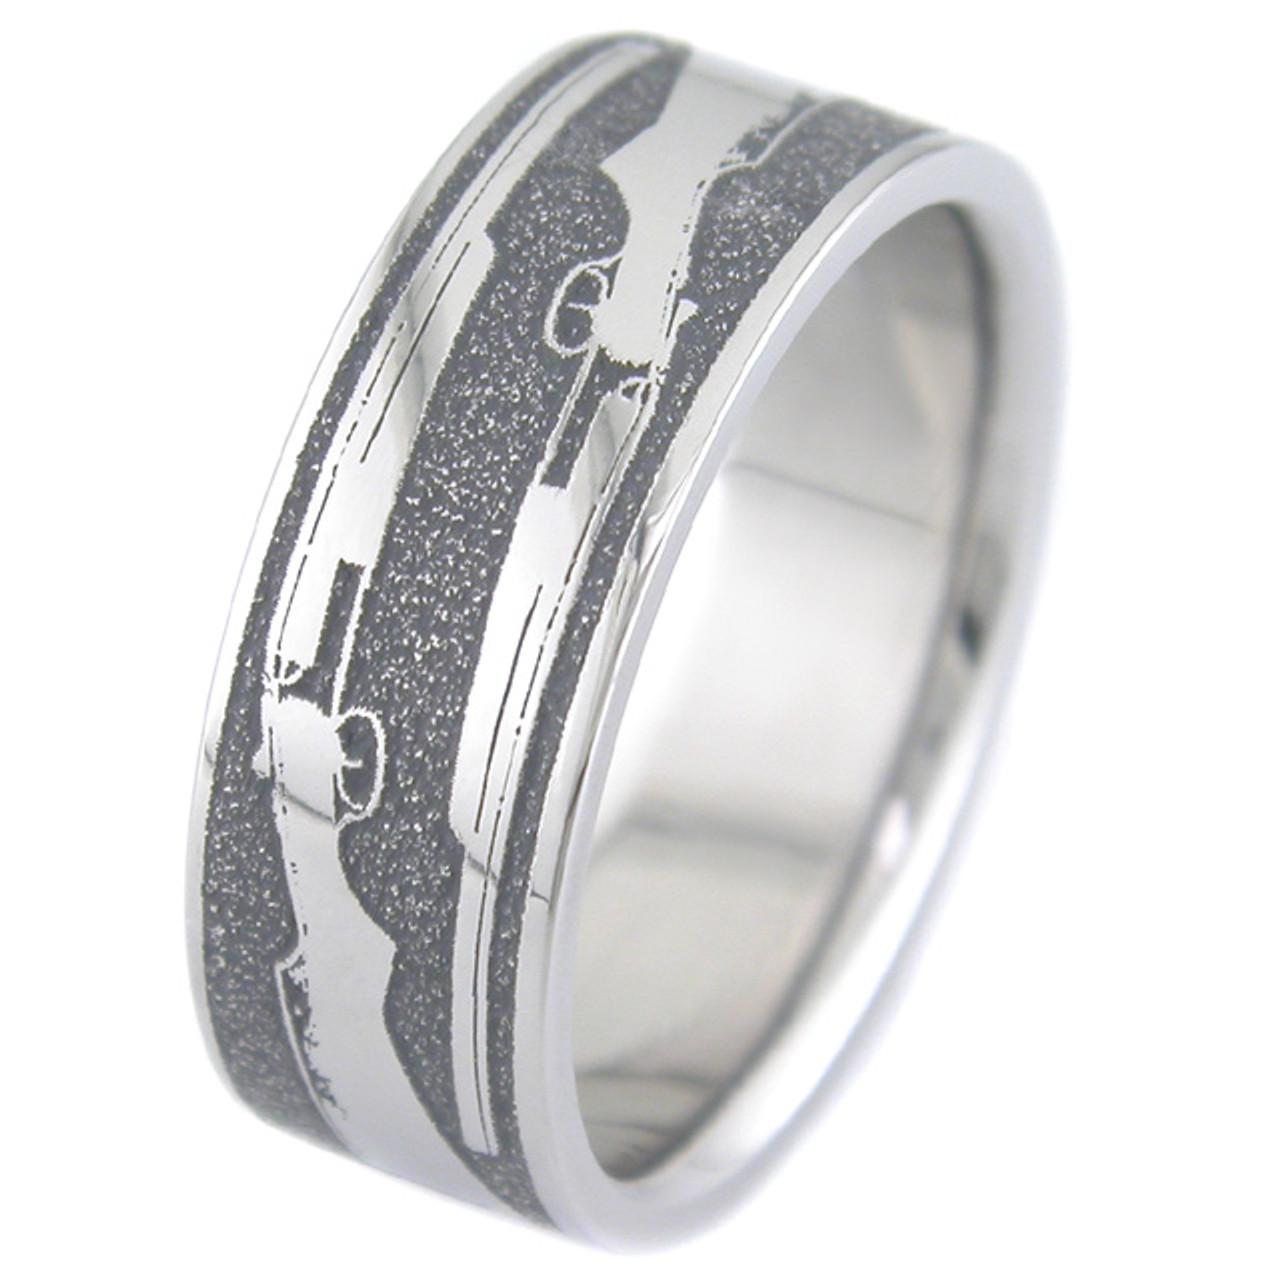 The Shotgun Wedding Ring   Unique Titanium Rings & More | Titanium